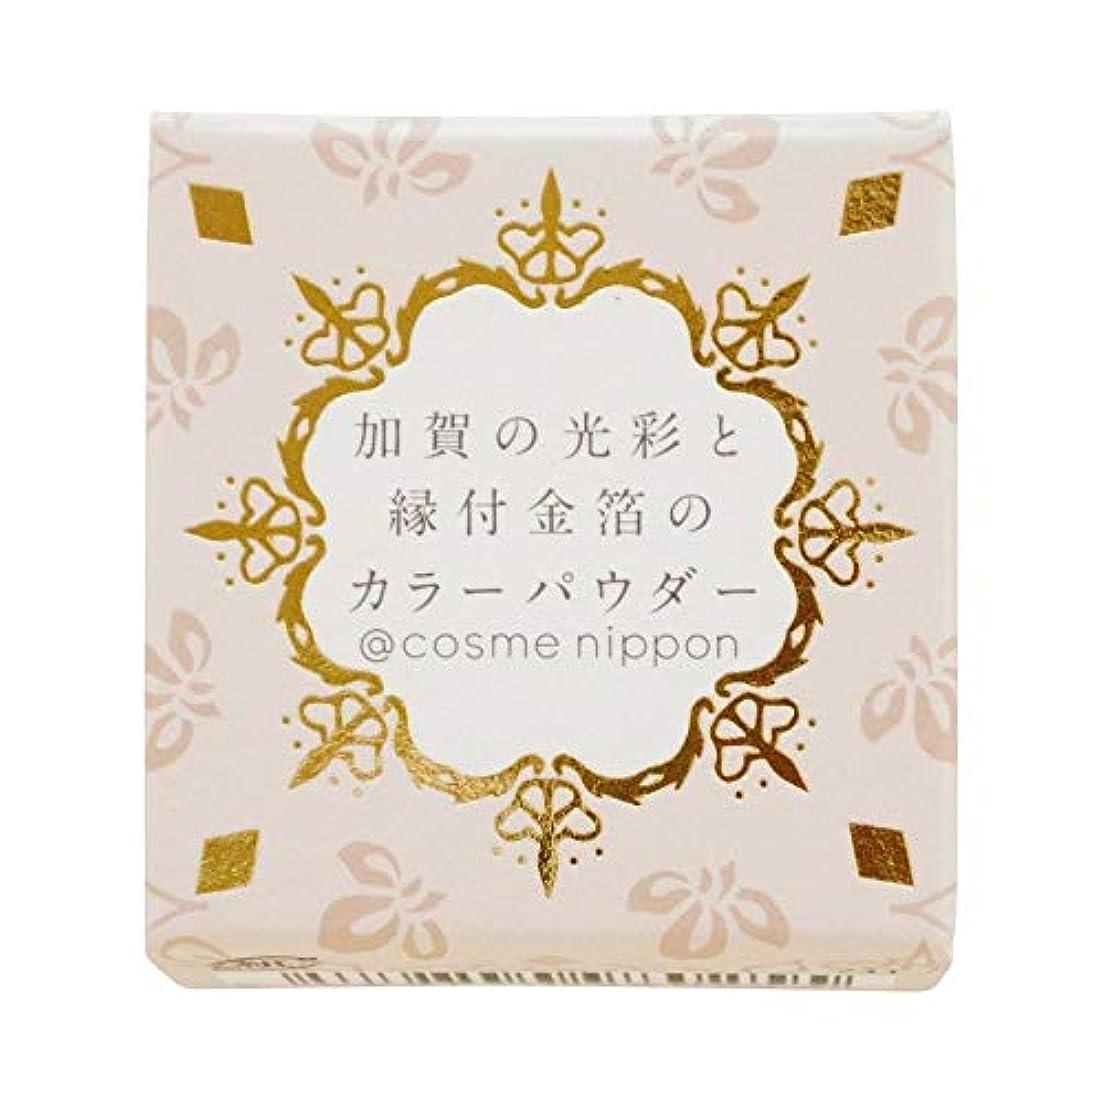 過去審判ファンブル友禅工芸 すずらん加賀の光彩と縁付け金箔のカラーパウダー01金色こんじき